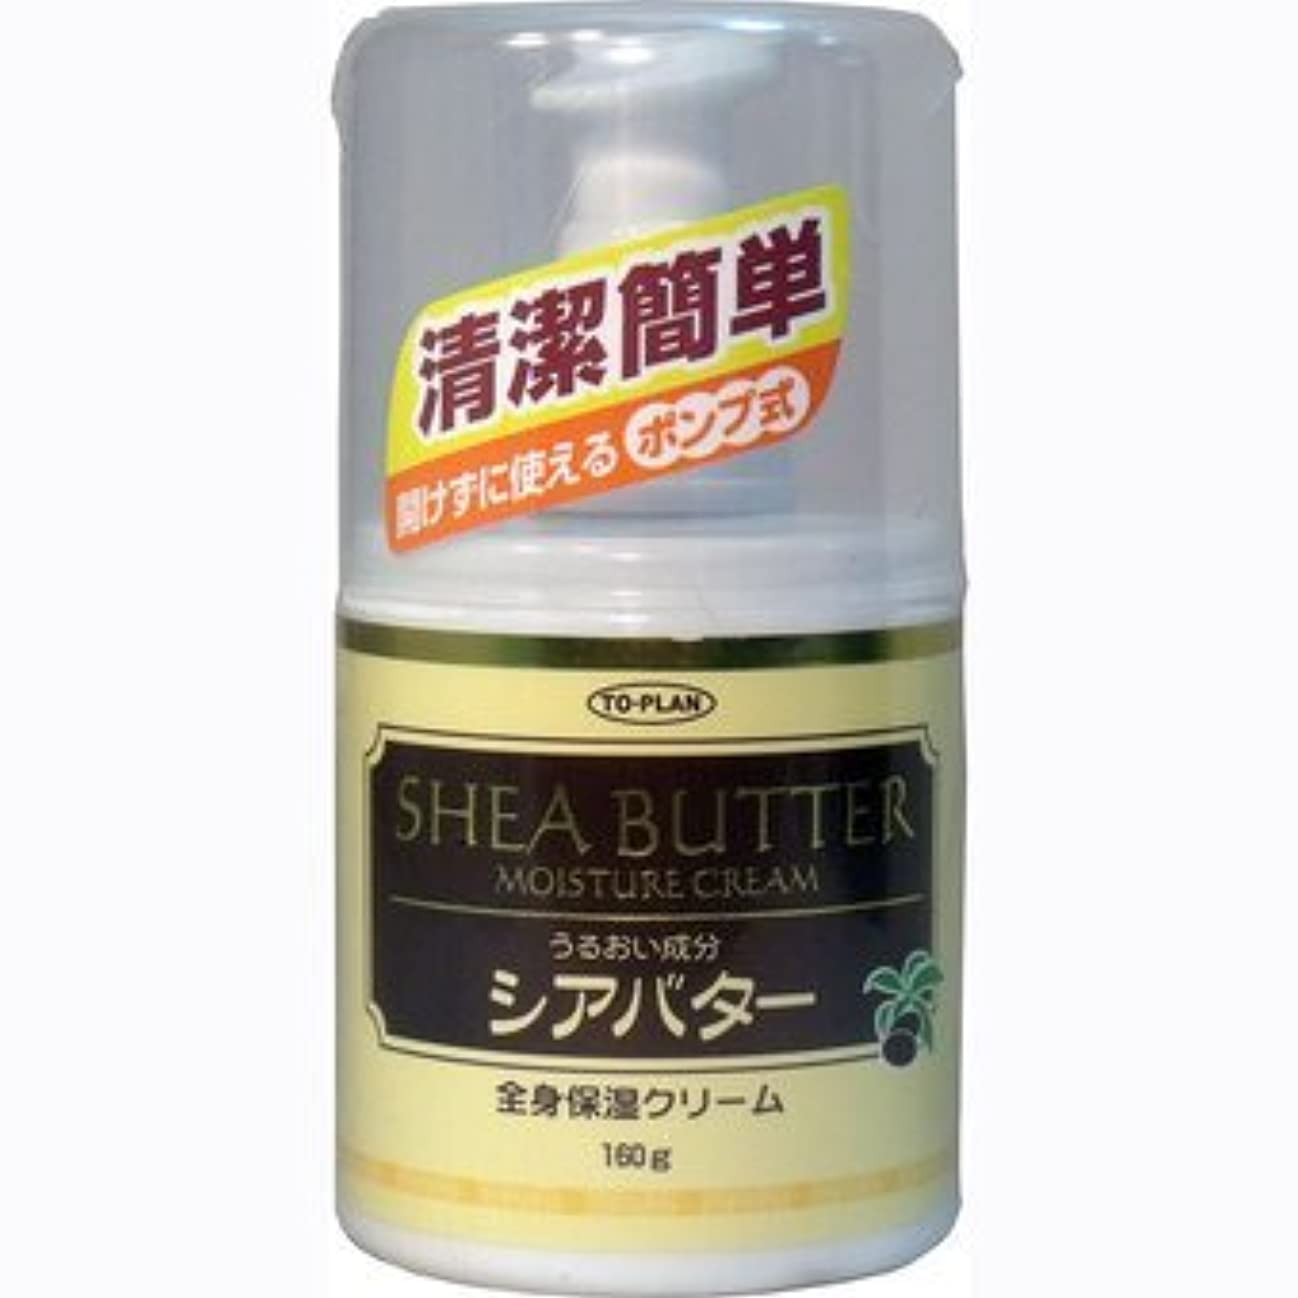 リードポーズ縮約トプランお肌の乾燥を防ぐ 全身保湿クリーム シアバター ポンプ式 160g×3個